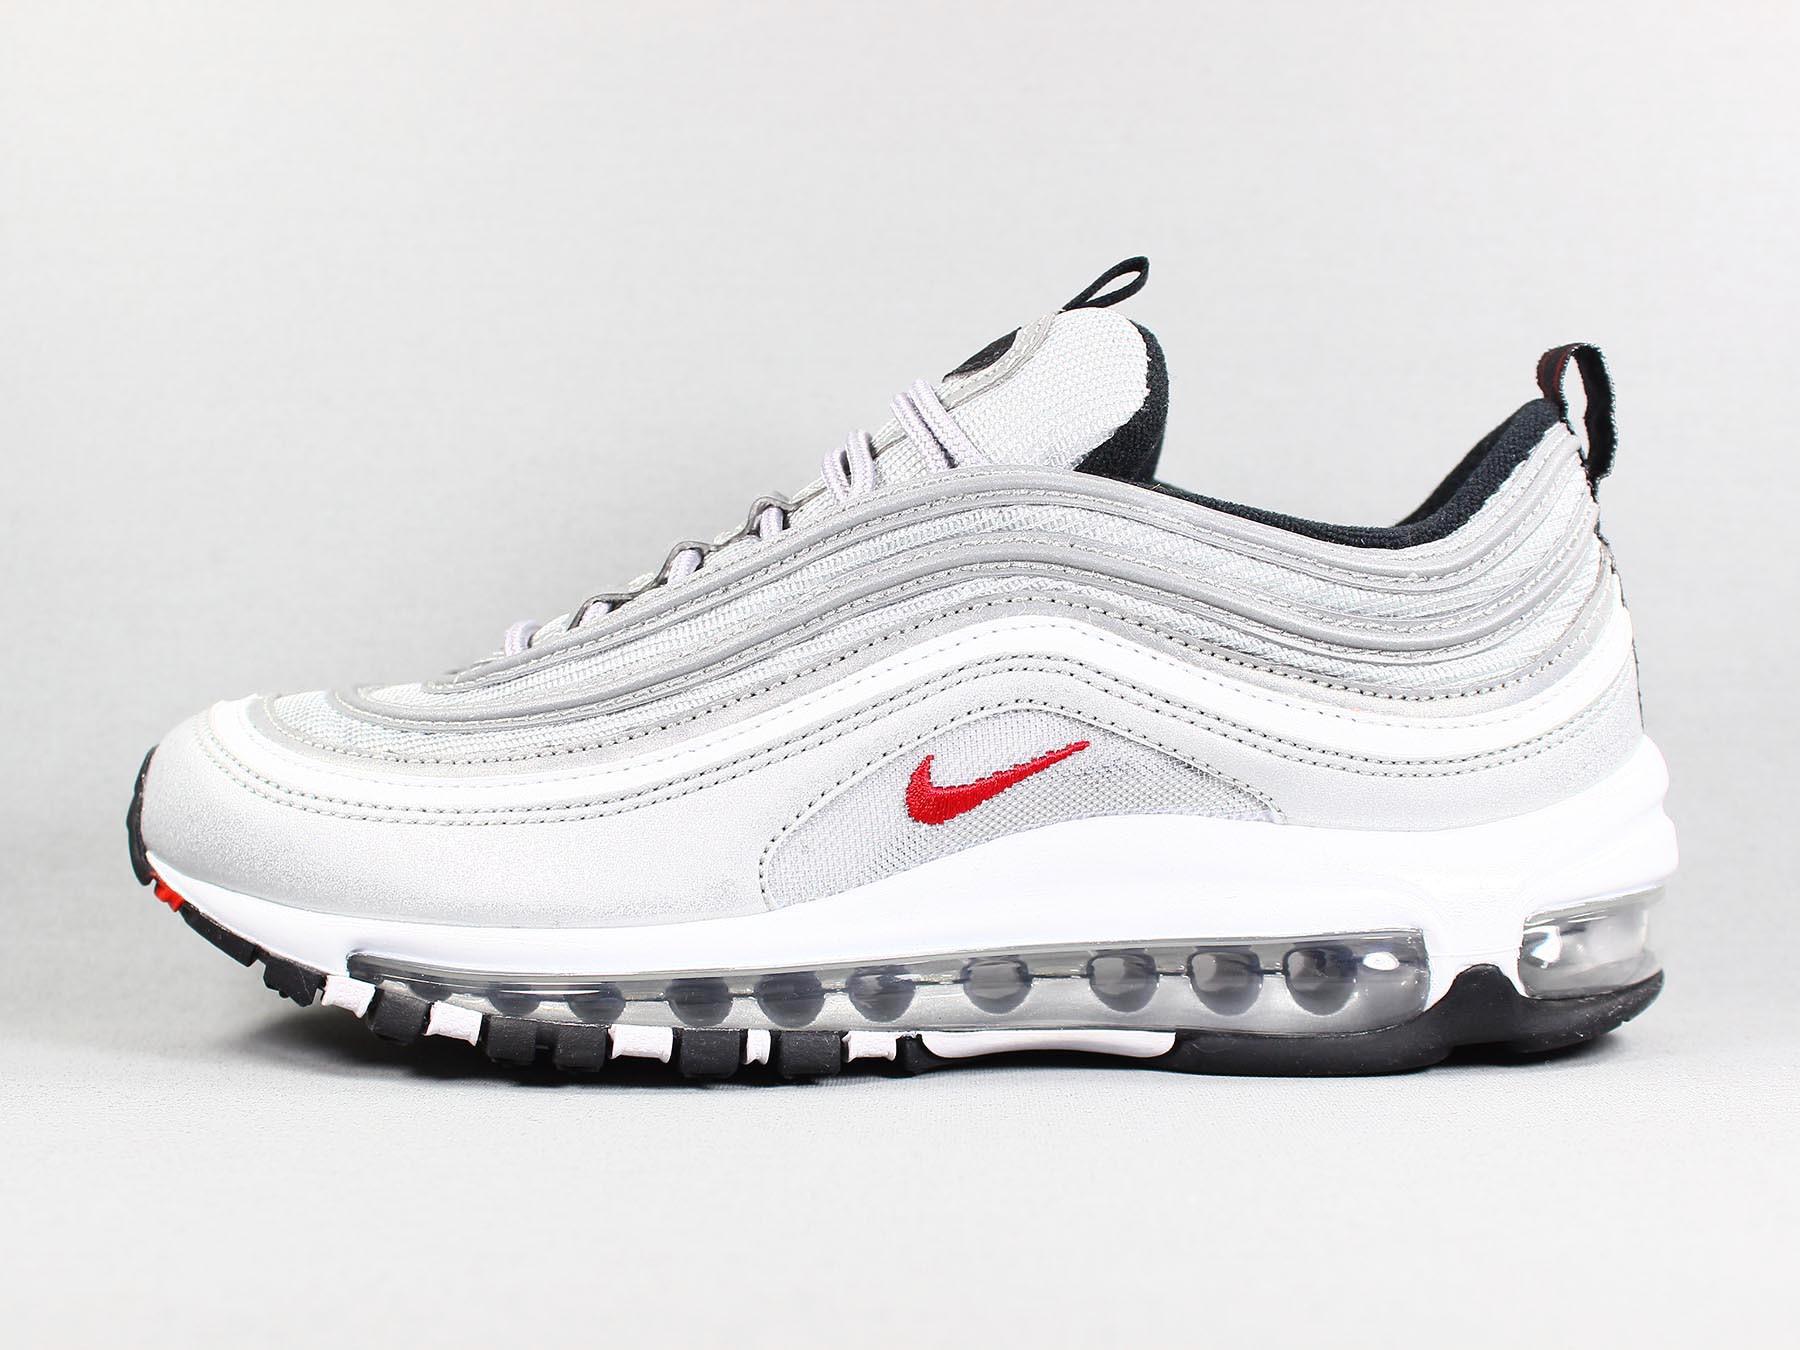 online store c4227 fa228 Prix de gros nike air max 97 og pas cher France vente en ligne, toutes les  gammes de chaussures Nike pour hommes et femmes outlet pas cher.